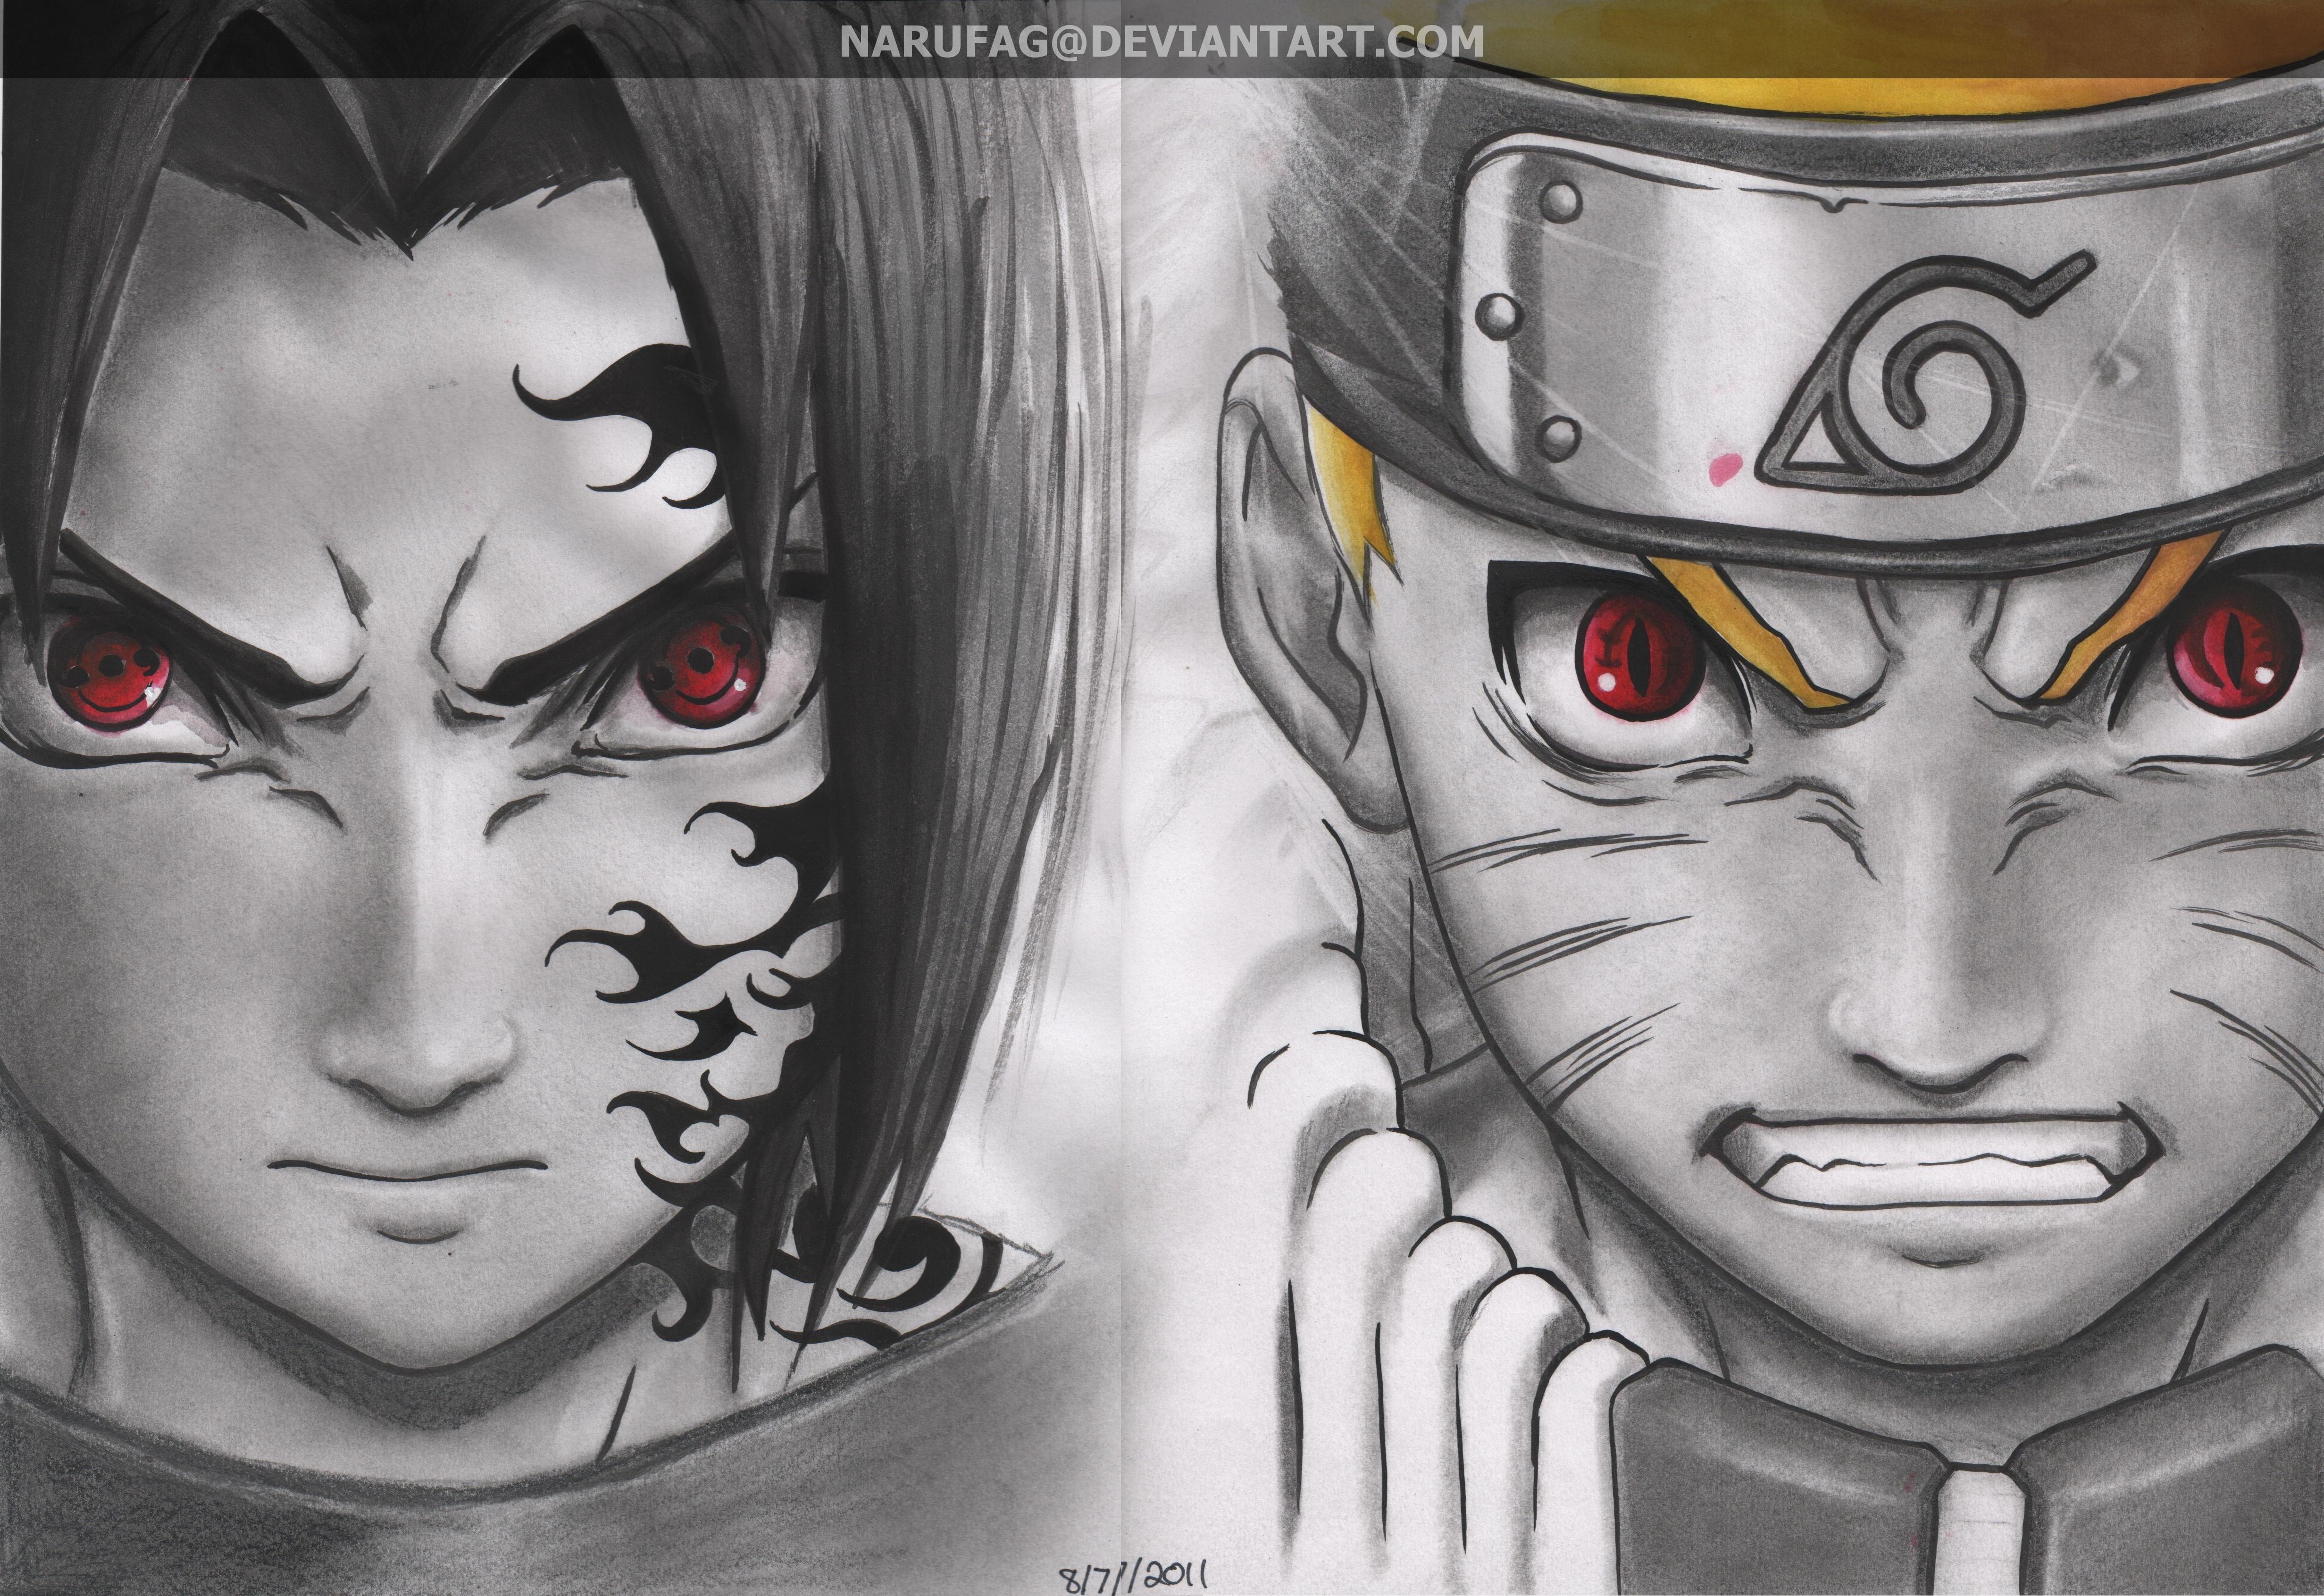 naruto vs sasuke wallpaper   ForWallpapercom 4926x3383